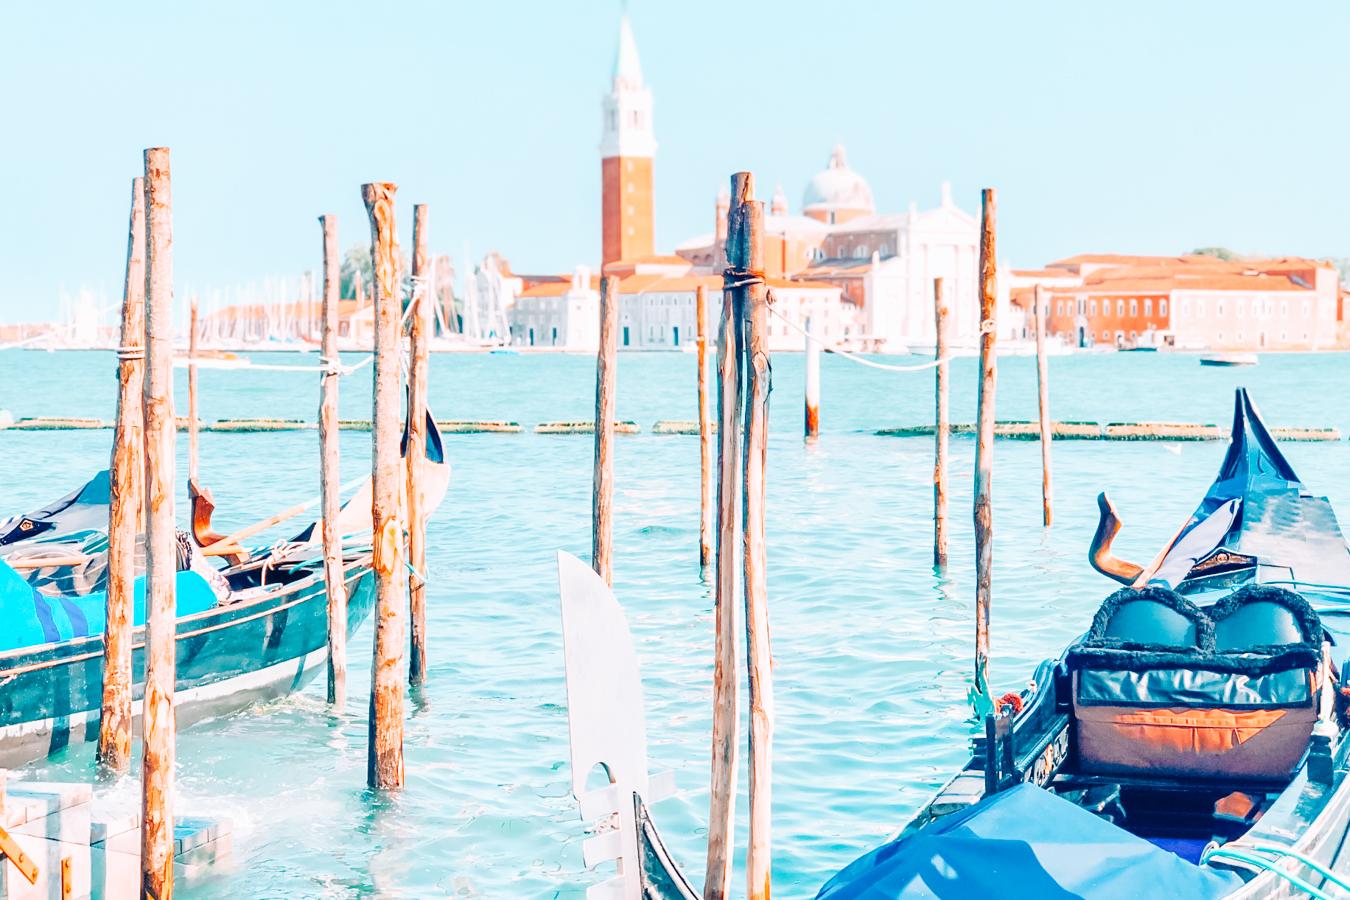 Two gondolas in Venice